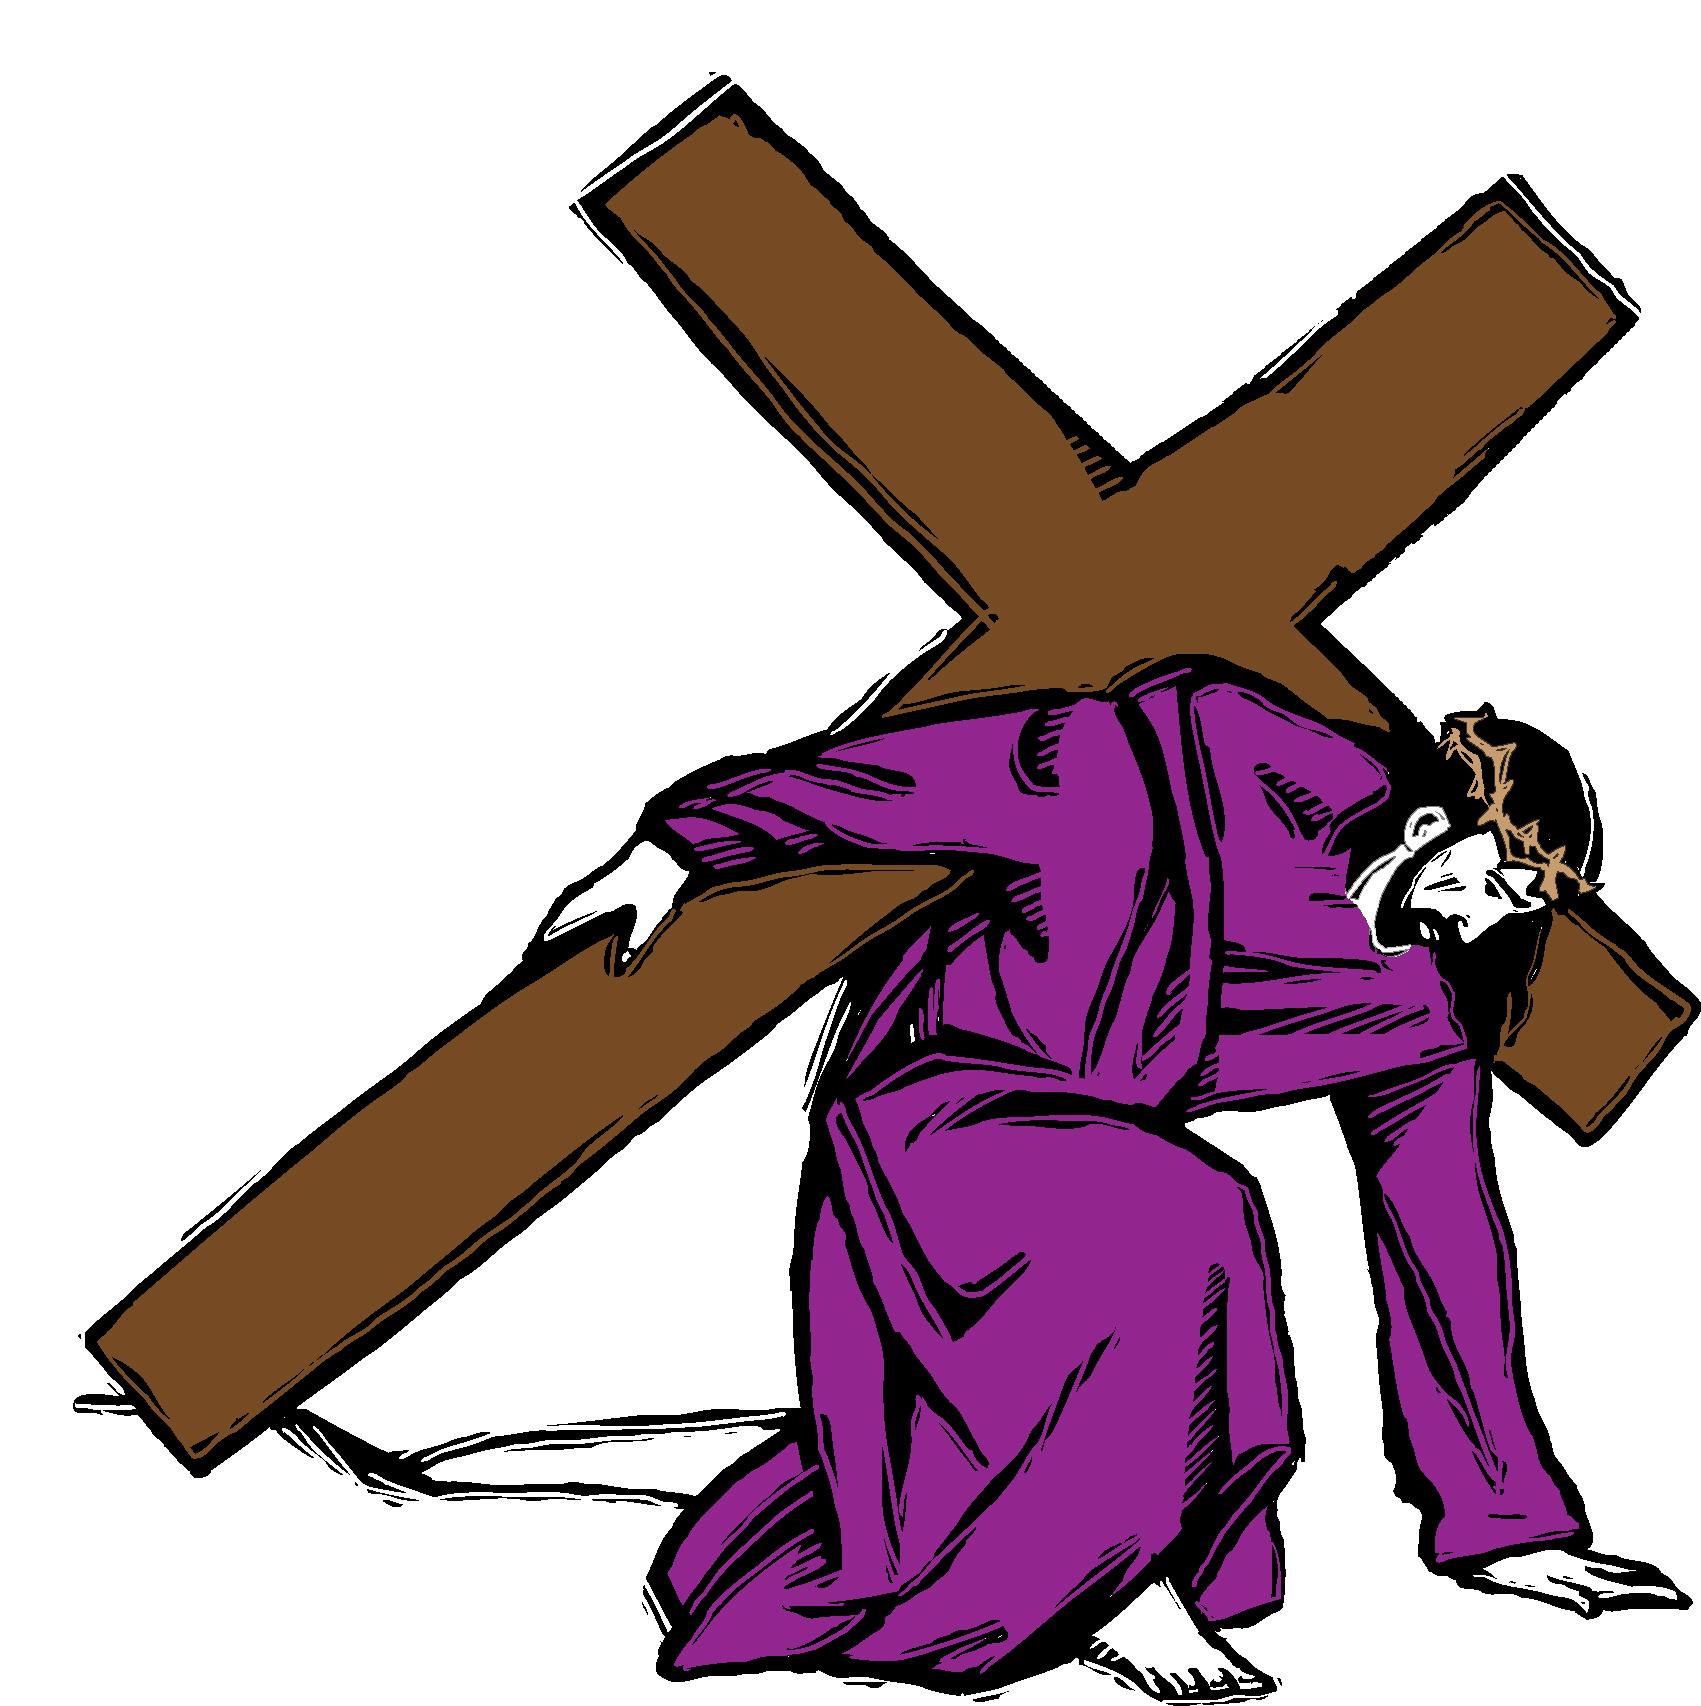 Jesus carrying cross spotlight clipart clipartfox 3